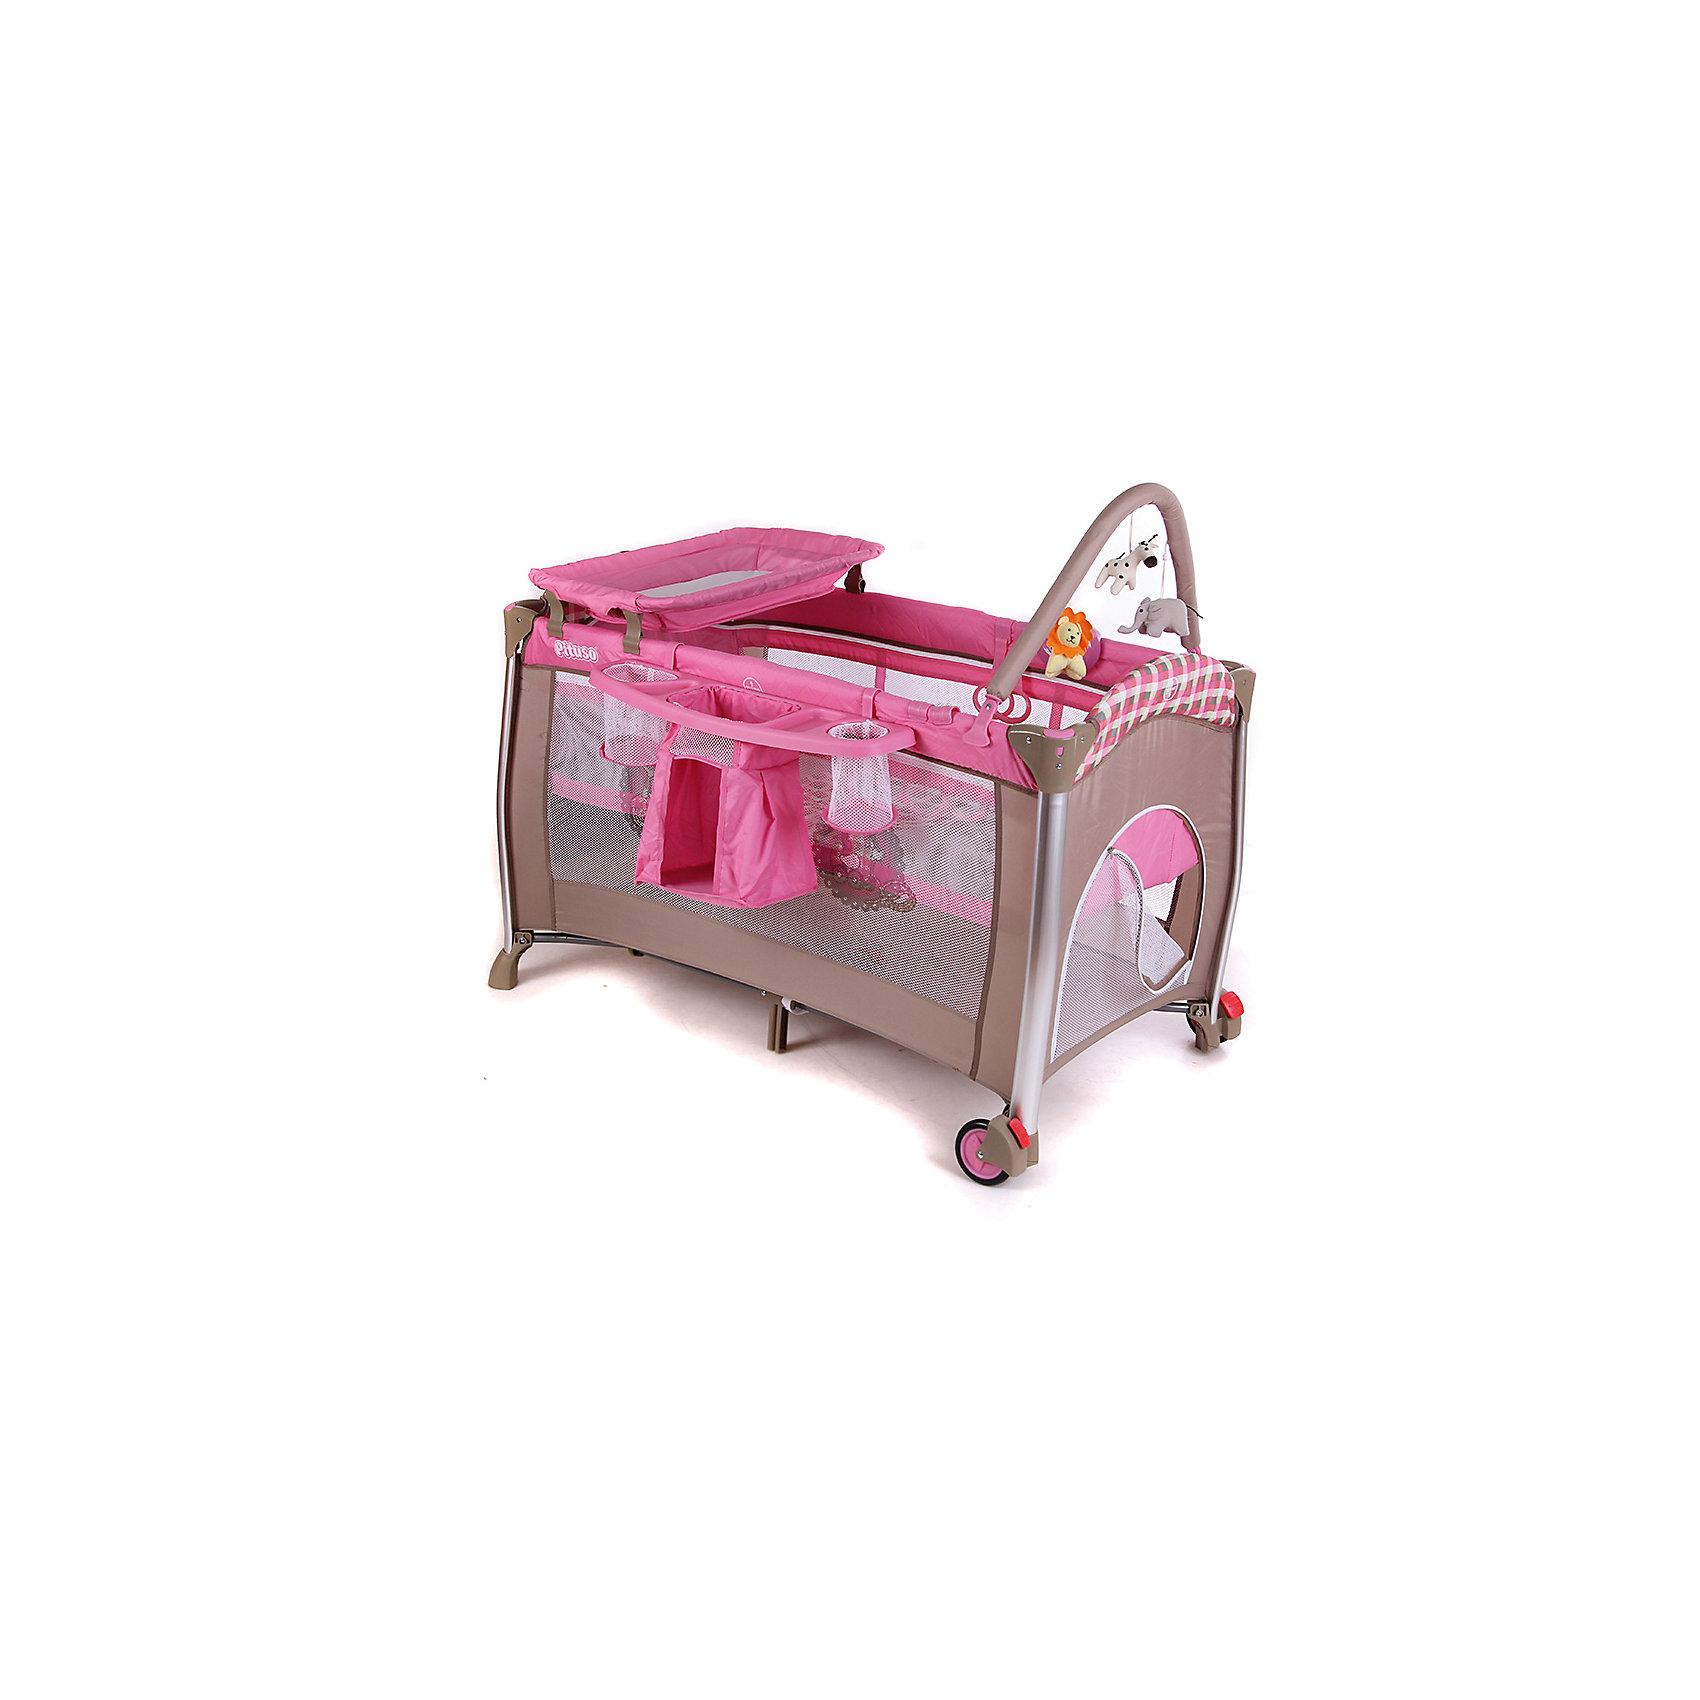 Манеж-кровать Flora Grils Toys, PitusoМанежи-кроватки<br>PITUSO Манеж-кровать FLORA GRILS TOYS, БЕЗ КАПОРА,дуга с игр, муз.бл.со св,звук,вибр,скл.пелен.стол<br><br>Ширина мм: 950<br>Глубина мм: 580<br>Высота мм: 220<br>Вес г: 9800<br>Возраст от месяцев: 0<br>Возраст до месяцев: 36<br>Пол: Унисекс<br>Возраст: Детский<br>SKU: 5582095